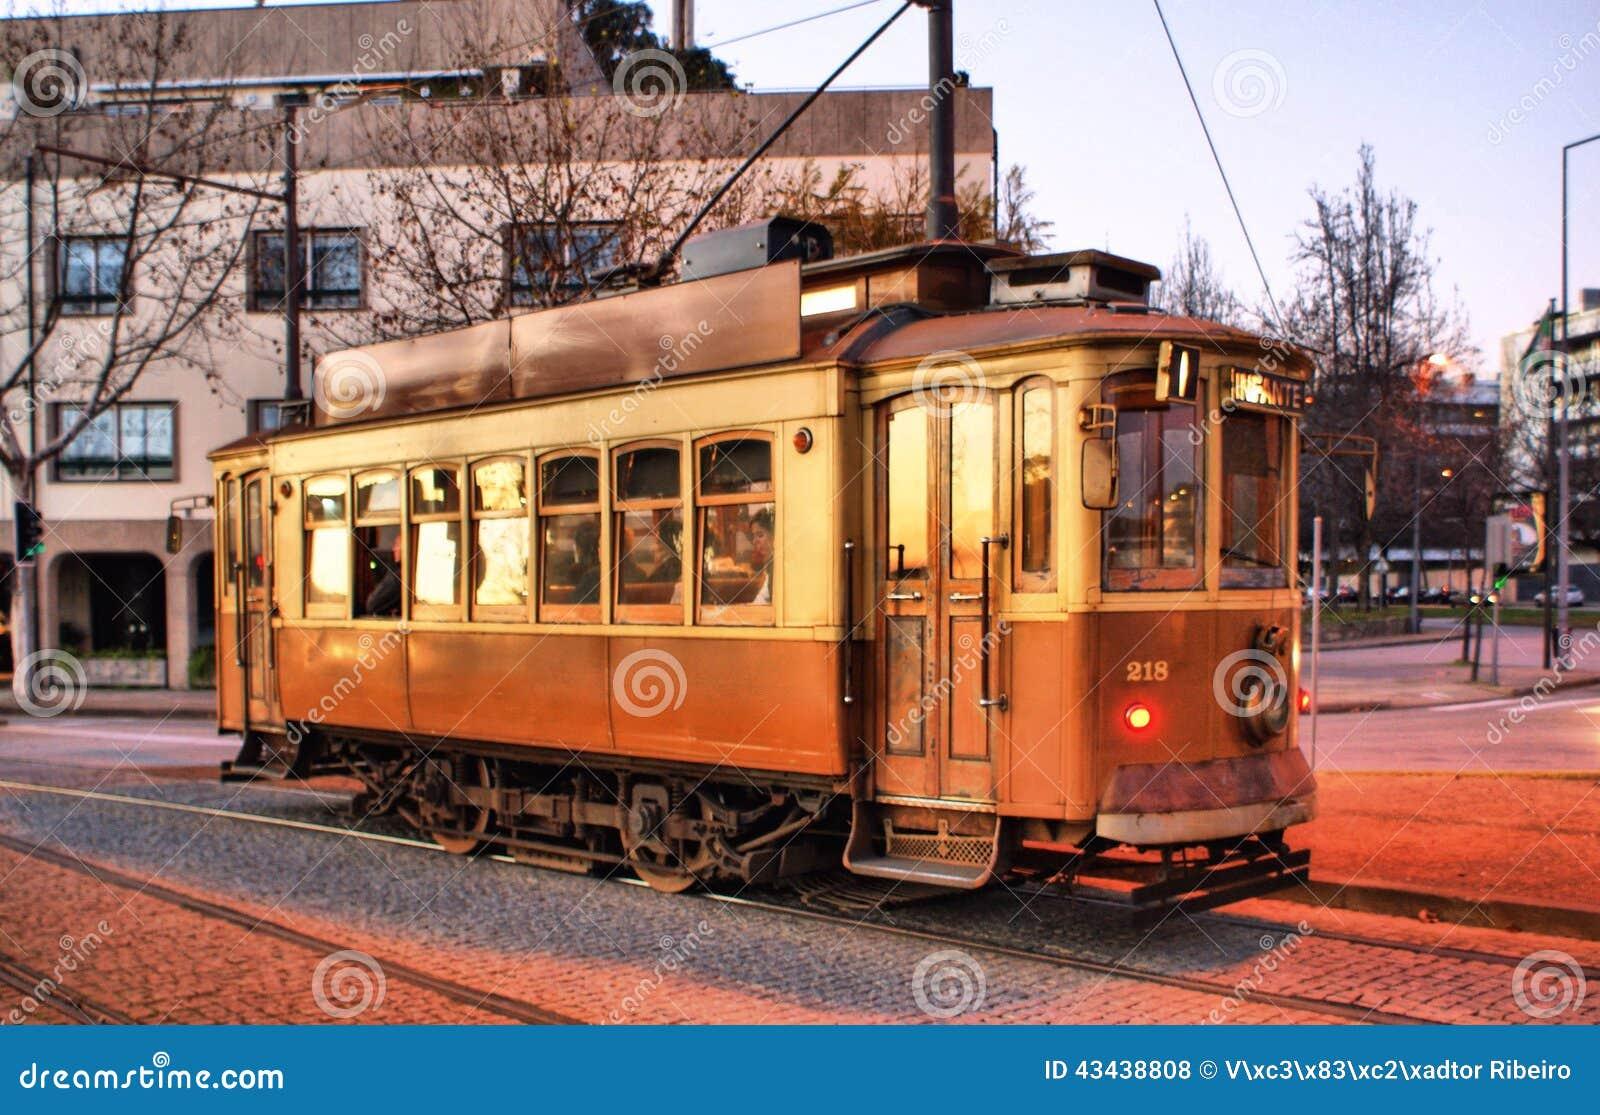 Typische Tram in Porto